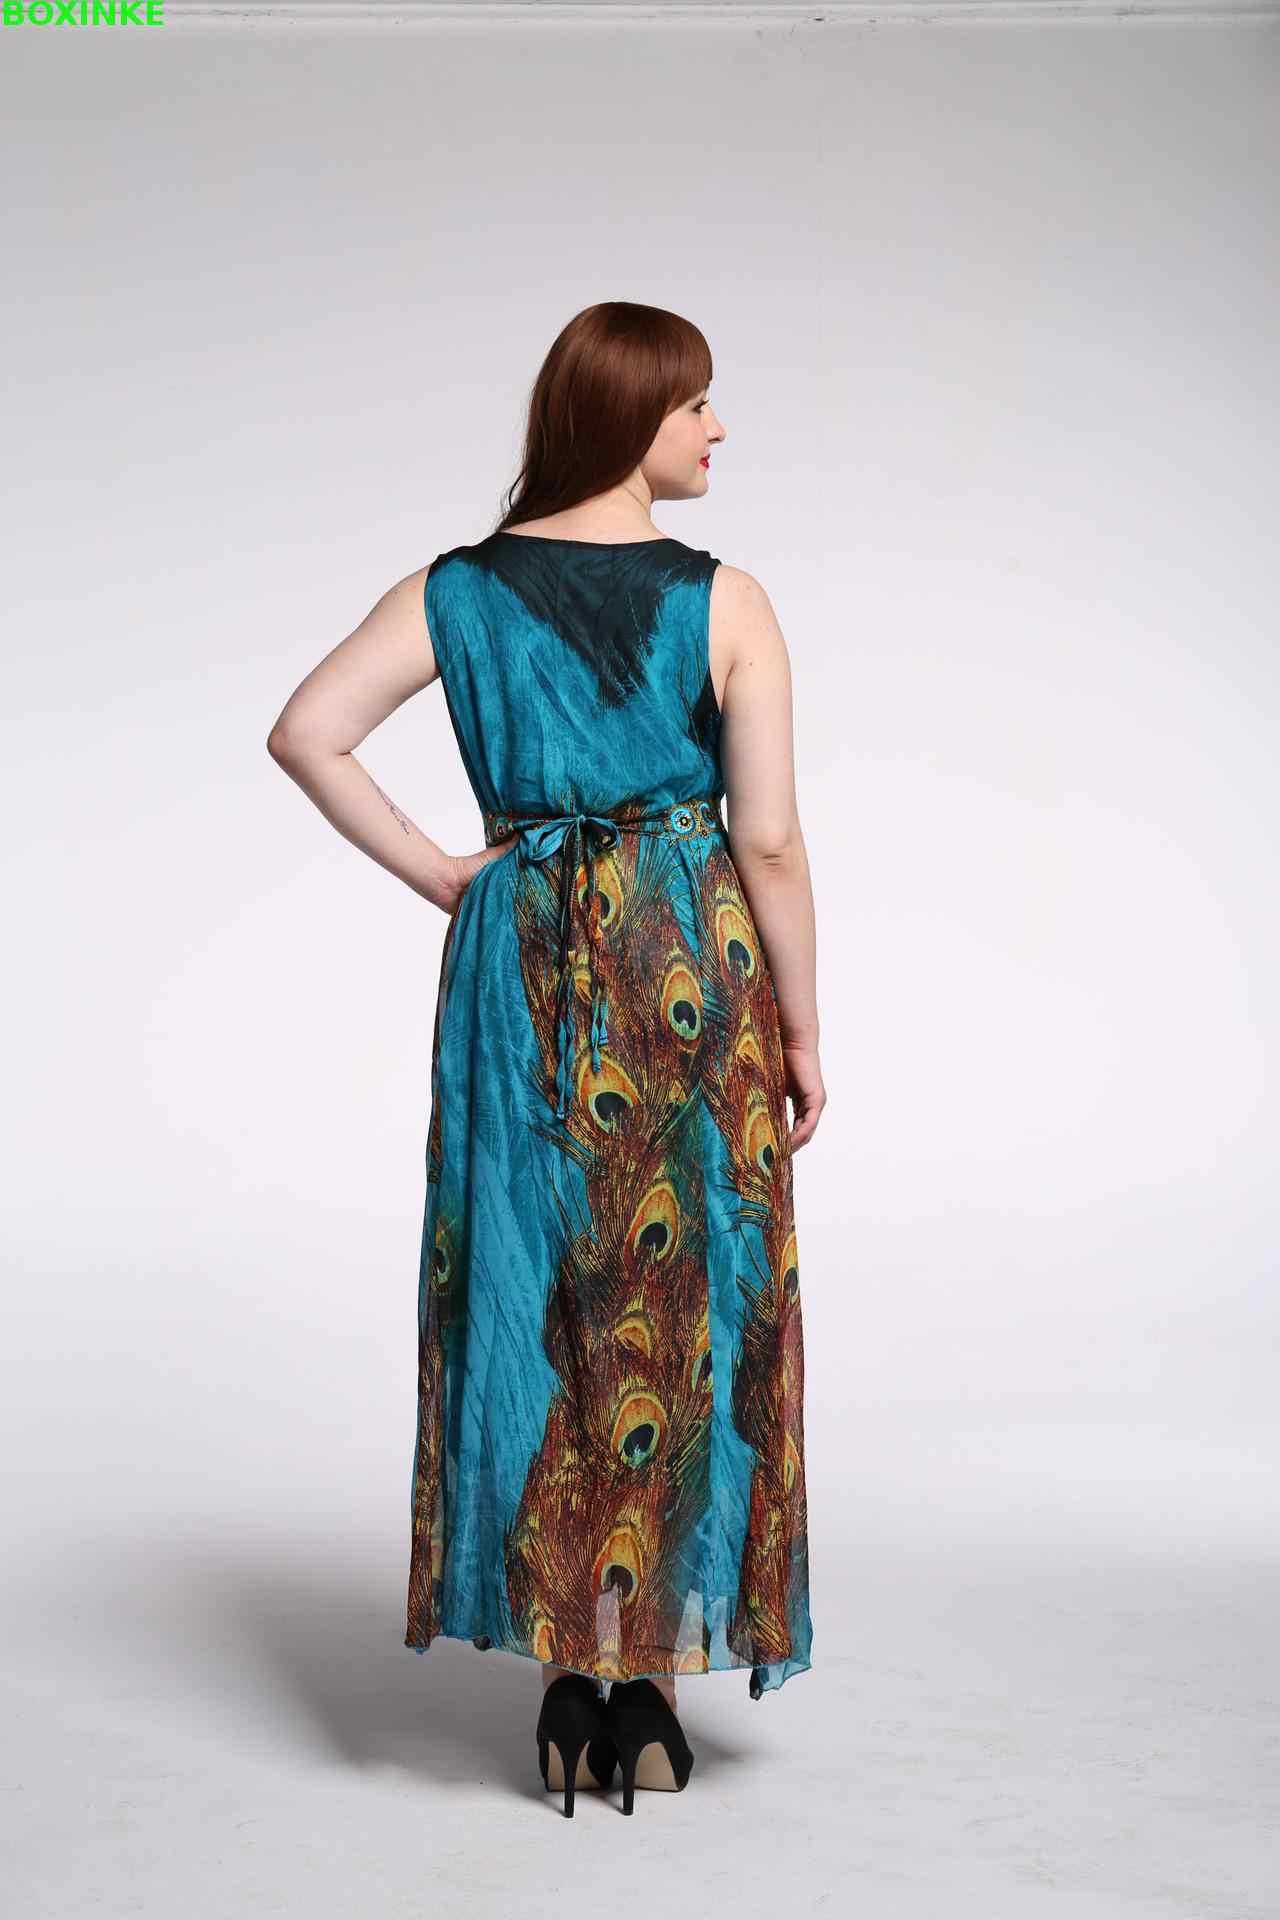 Vadim Макси платье ограниченное богемное платье трапециевидной формы с принтом и летний женский новый комплект в национальном богемном стиле с длинным кодом